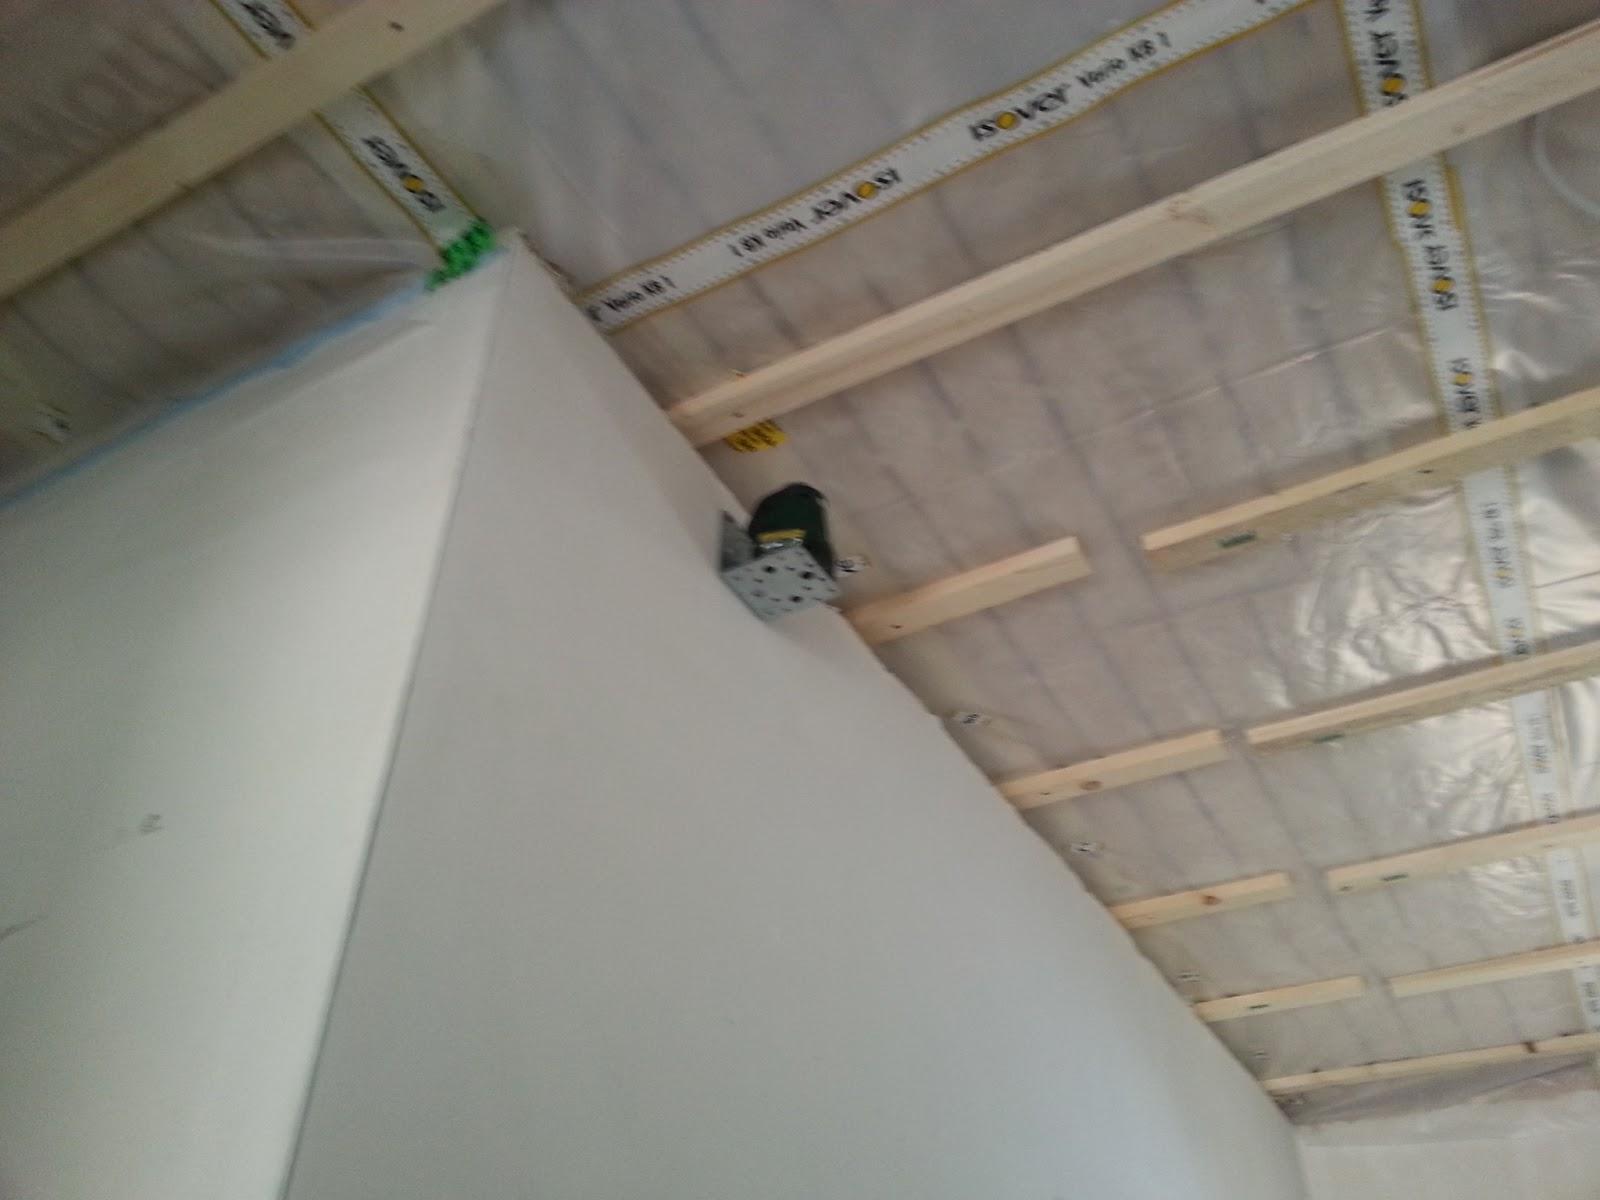 aileen und patrick bauen dachboden dampfsperre lattung. Black Bedroom Furniture Sets. Home Design Ideas